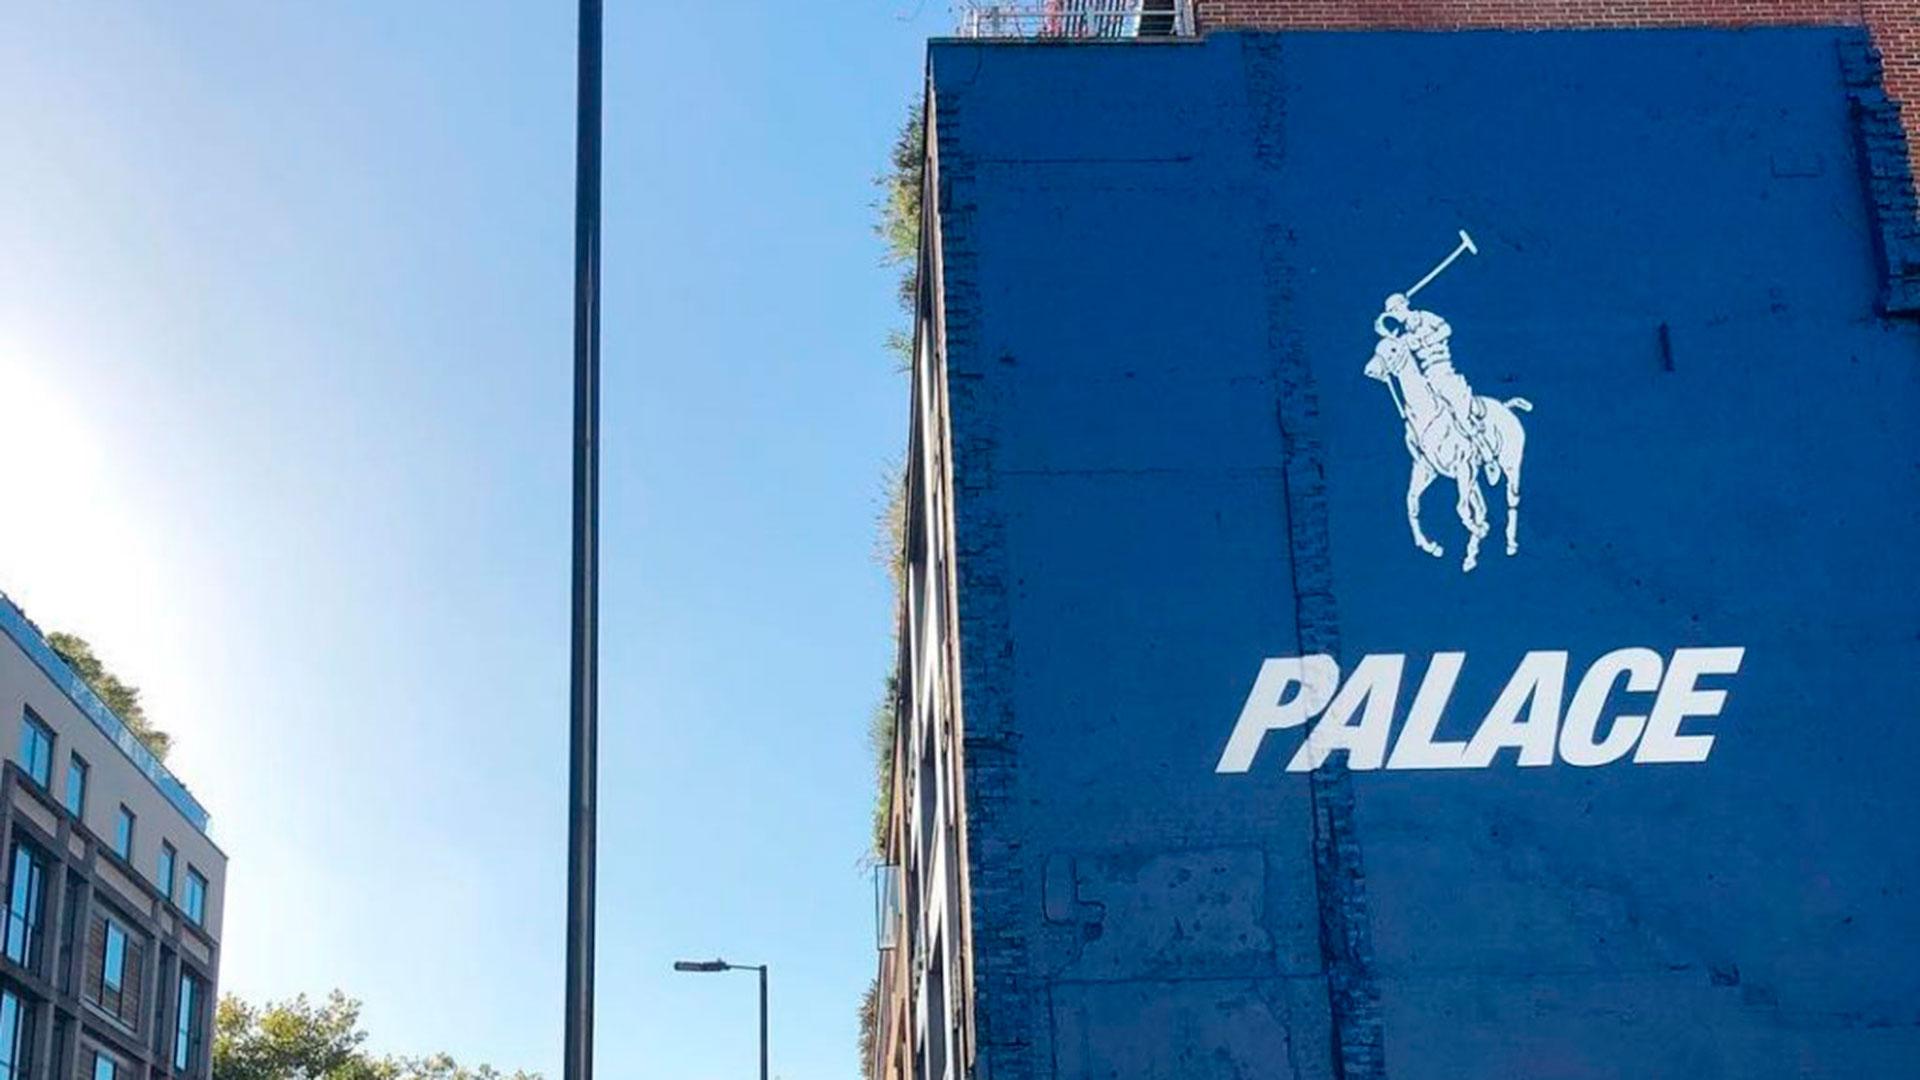 Palace Ralph Lauren hero asset